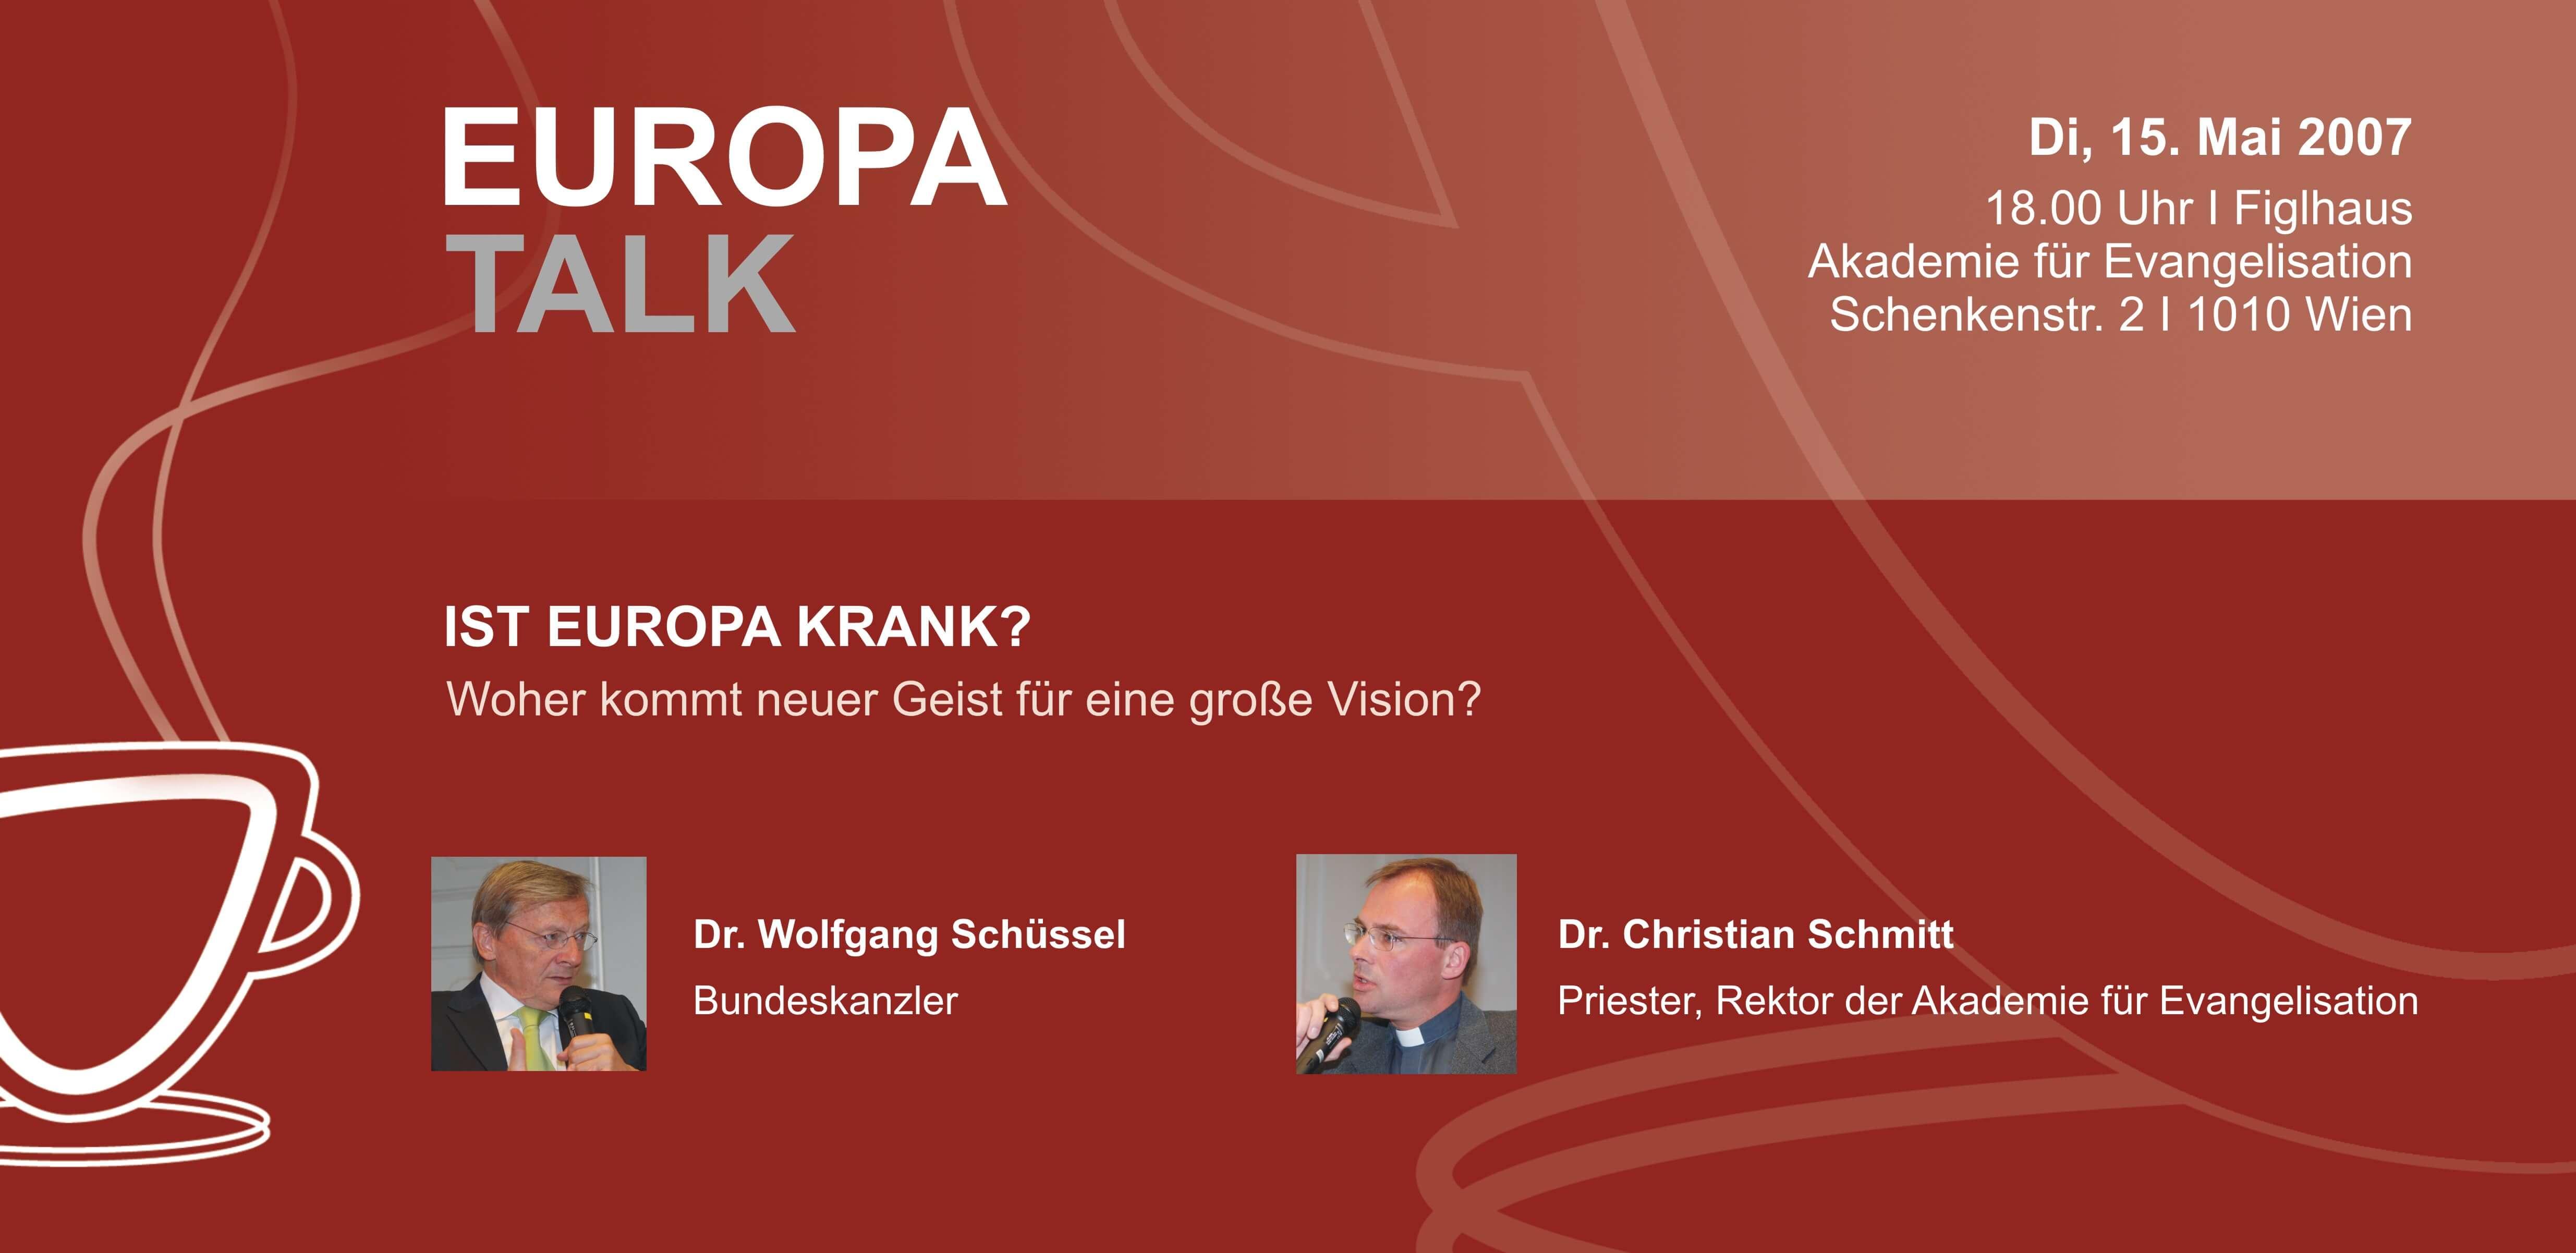 TALK Figlhaus Wien Wolfgang Schüssel Ist Europa Krank Studenten Akademie für Dialog und Evangelisation Christian Schmitt Wien Vienna